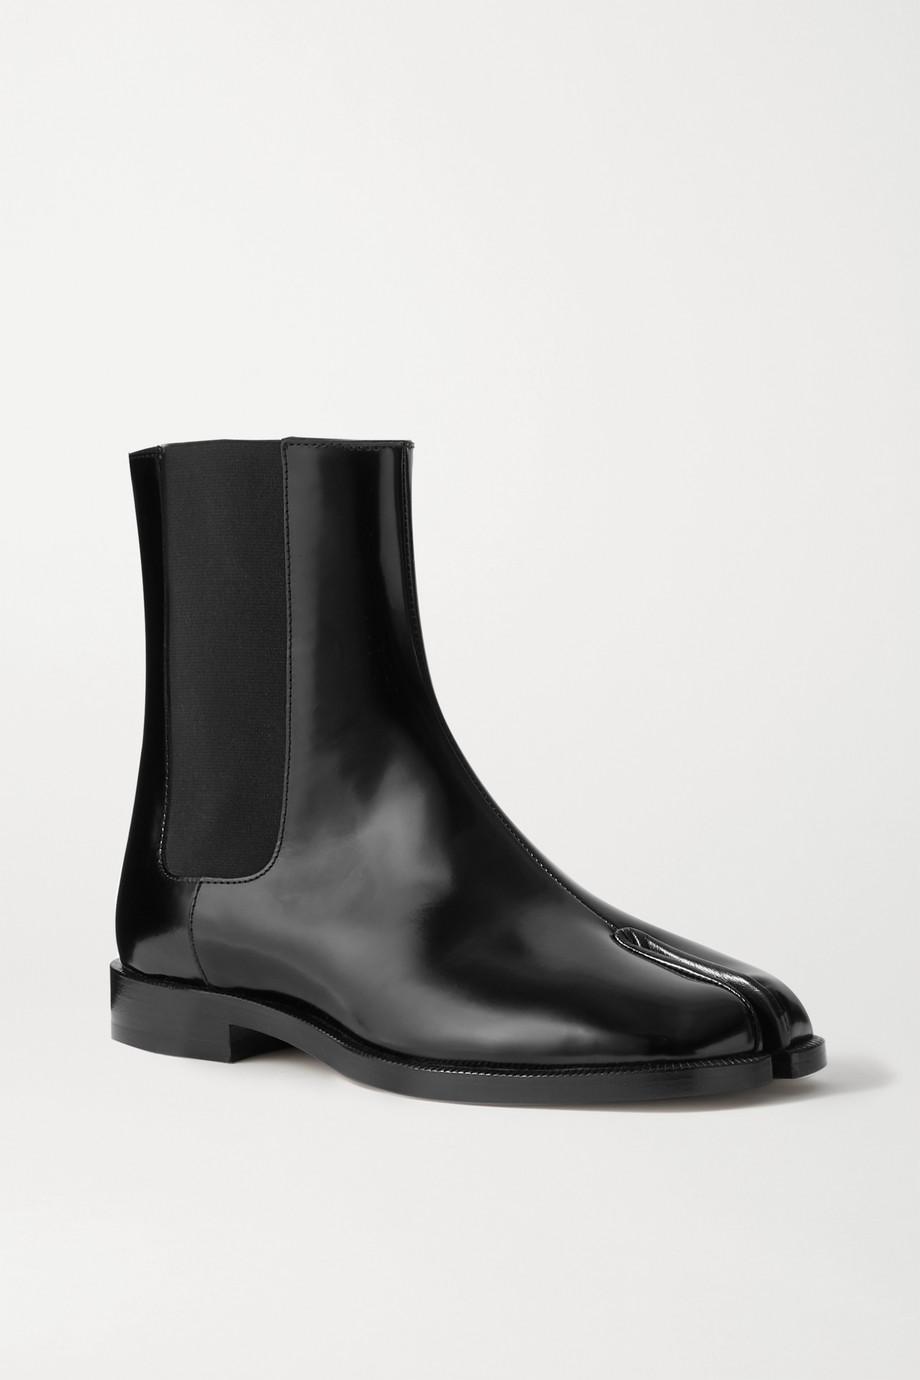 Maison Margiela Tabi Chelsea Boots aus Lackleder mit geteilter Zehenpartie